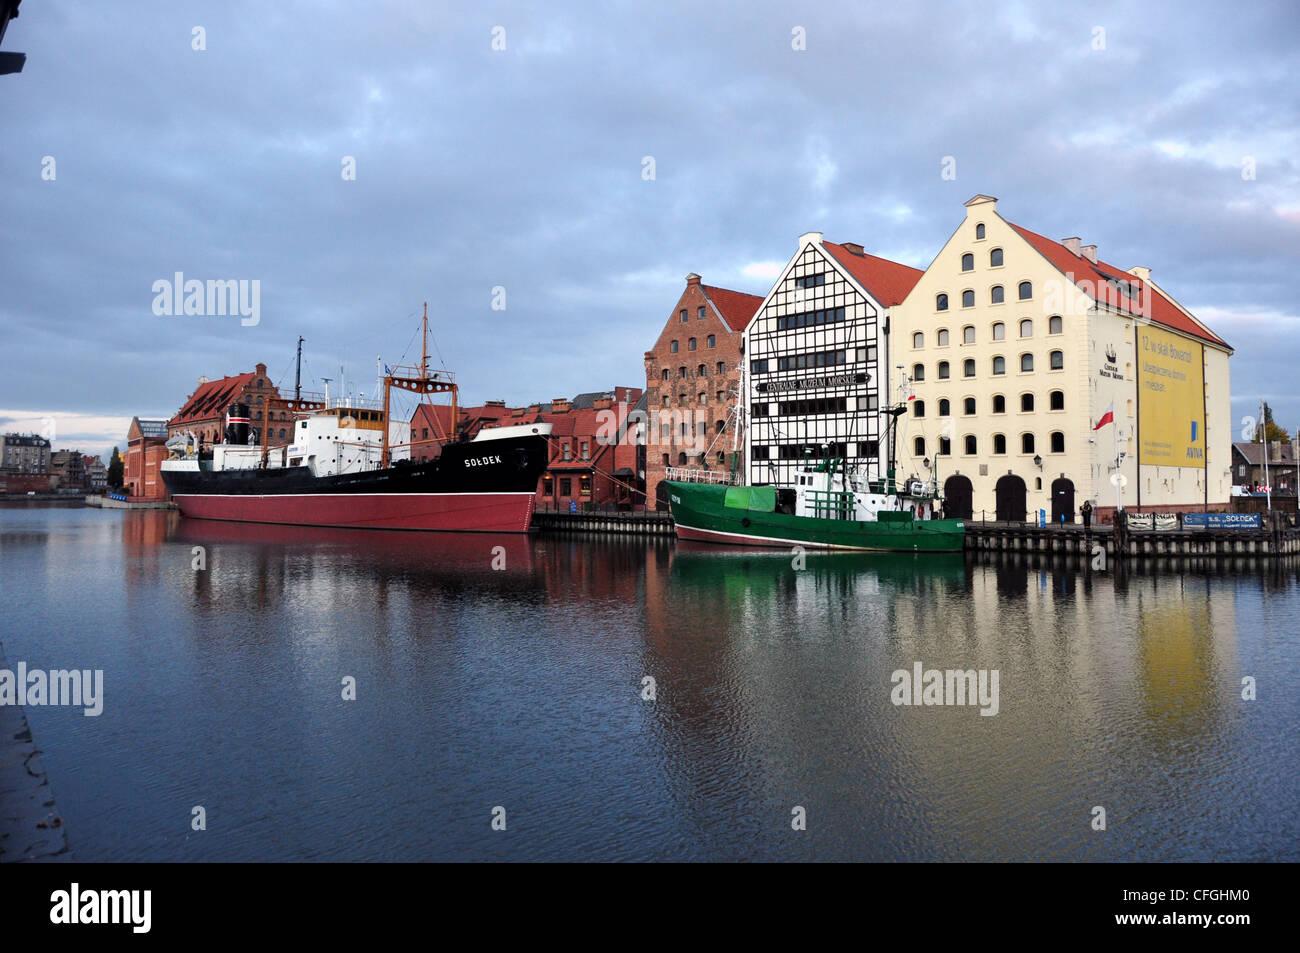 HORBOUR SCENE GDANSK POLAND  EASTERN EUROPE - Stock Image